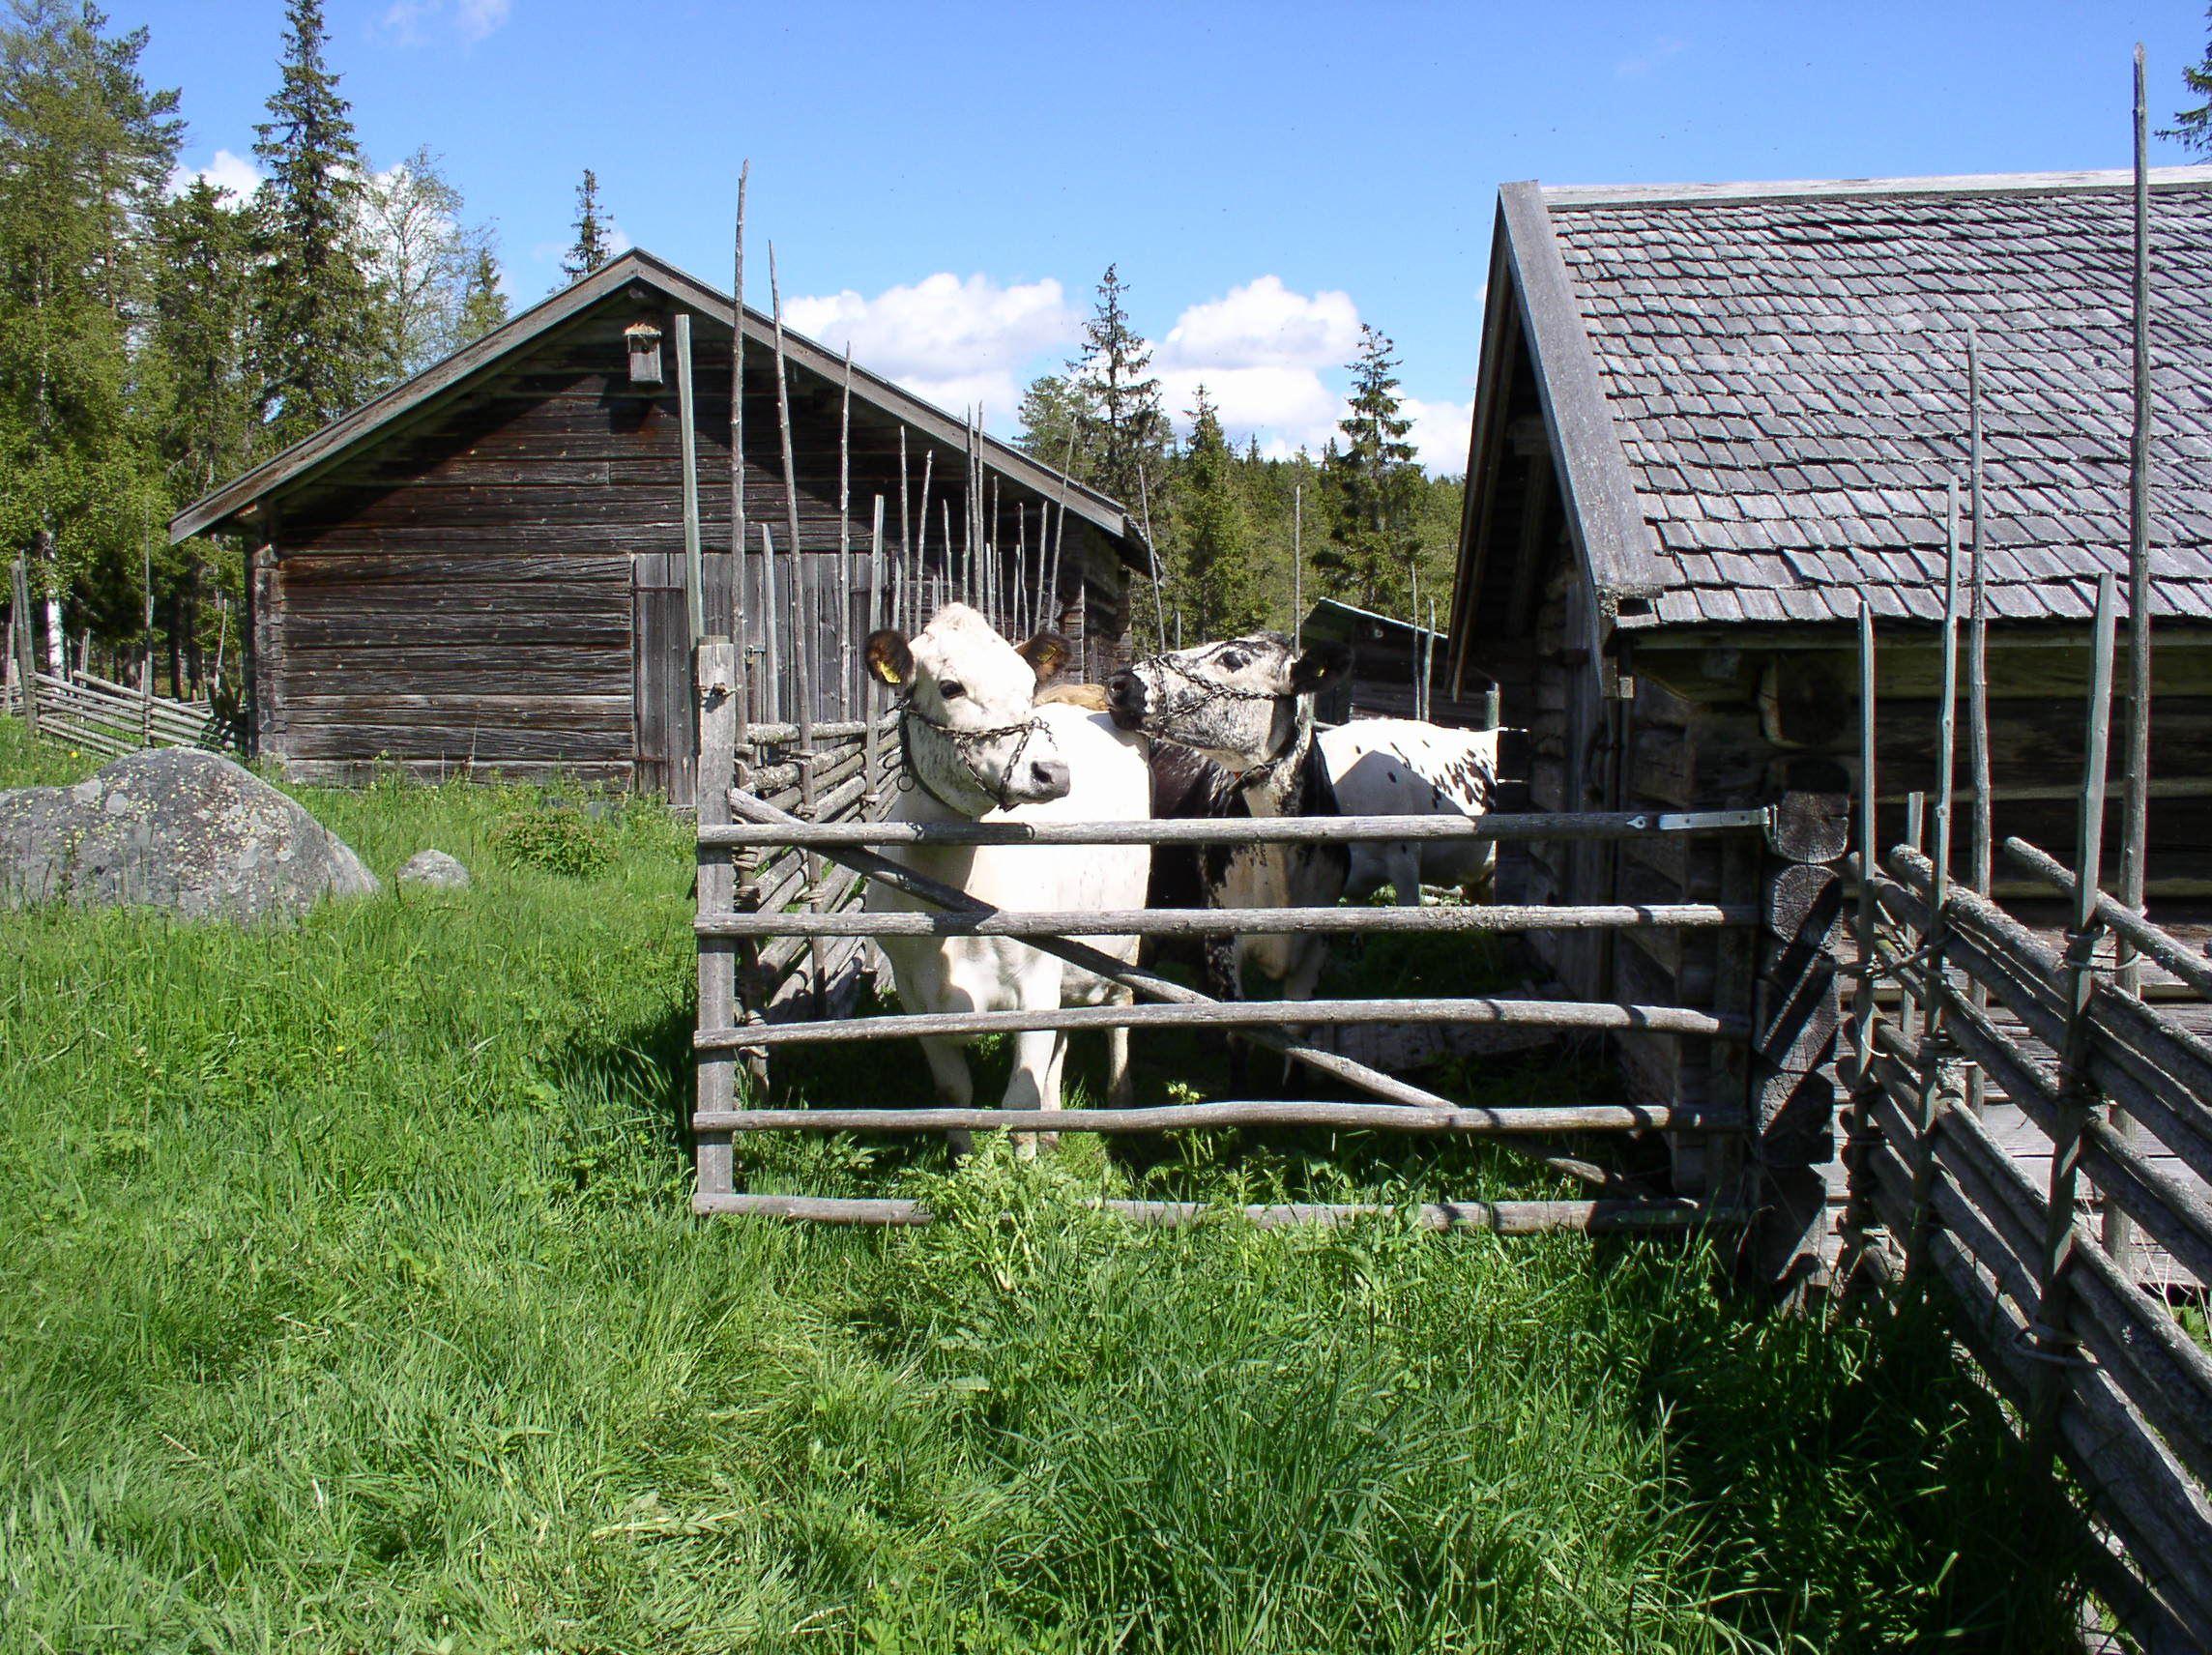 Prova på att vara fäbodbrukare för en dag på Svedbovallen i Järvsö